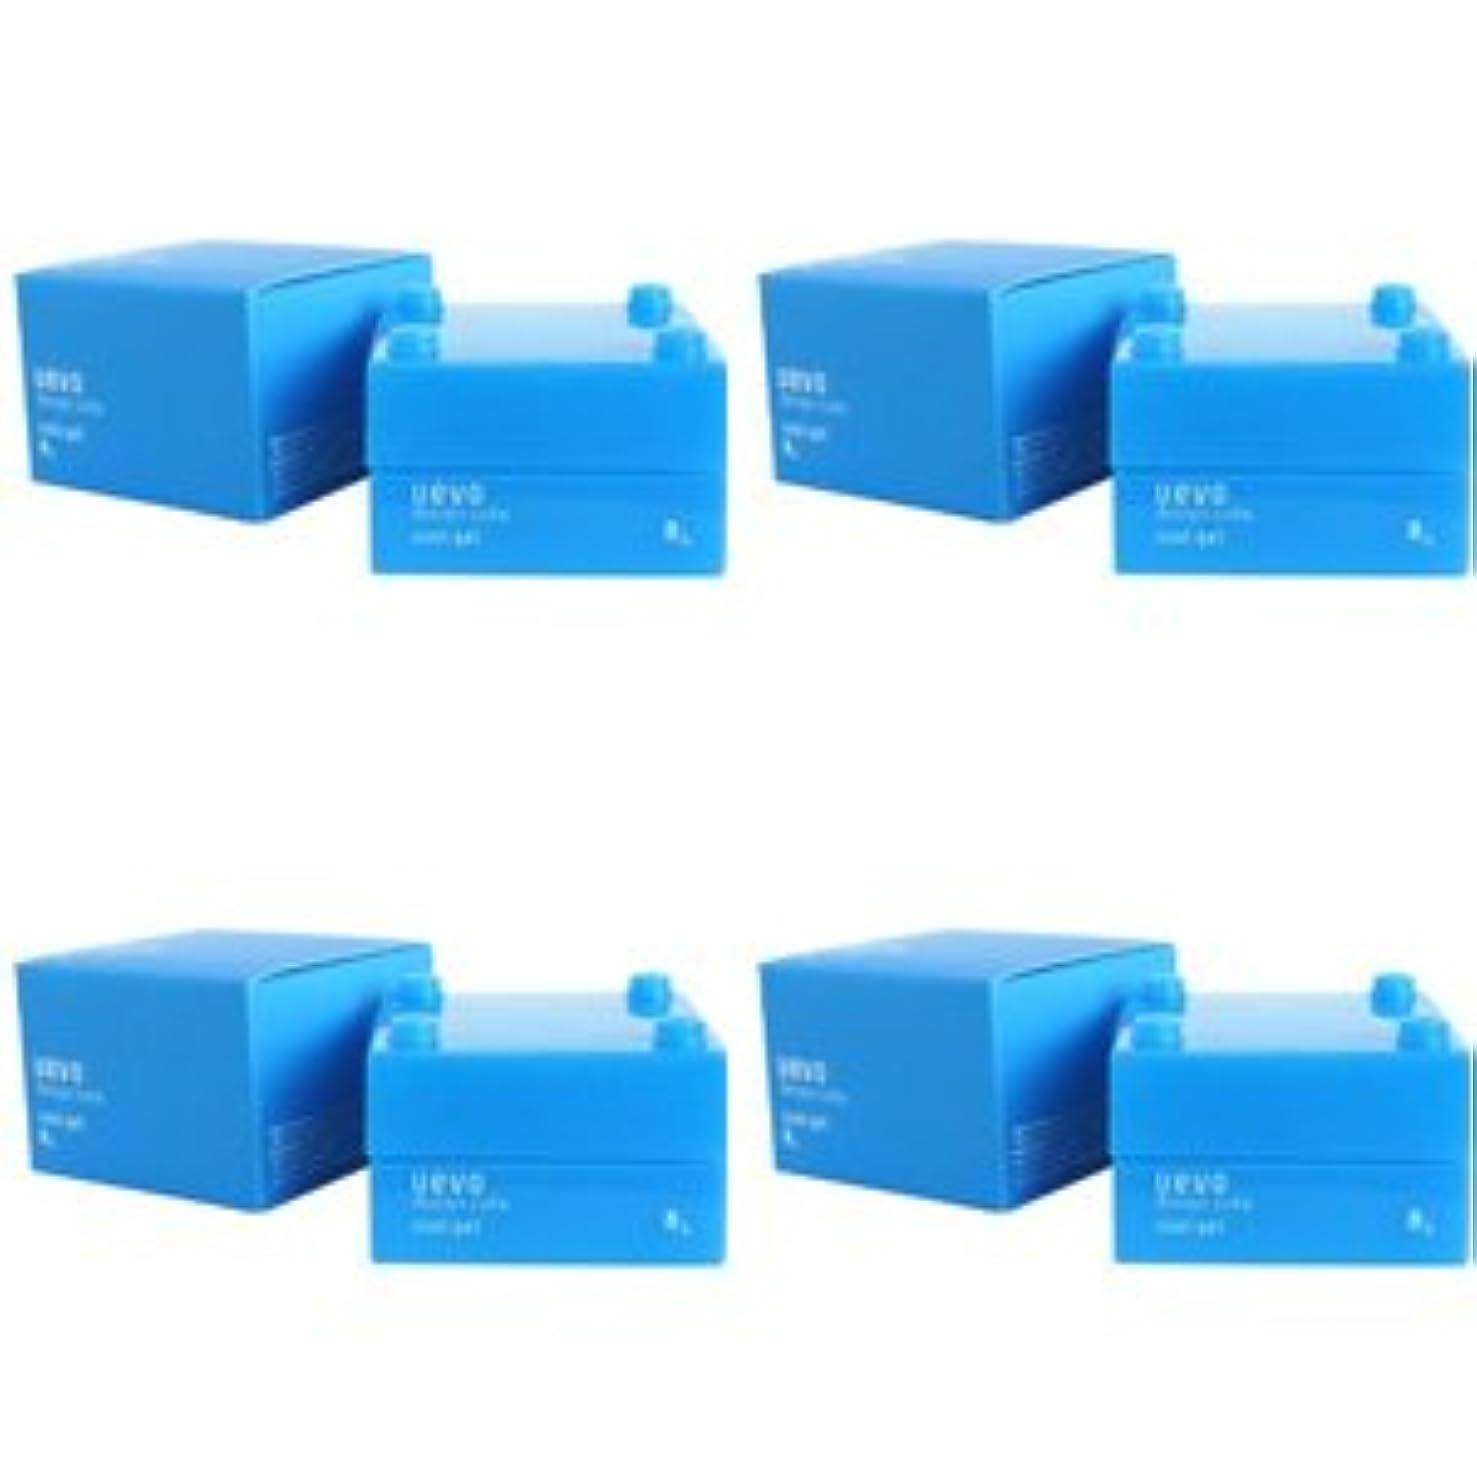 消えるゴネリル運命的な【X4個セット】 デミ ウェーボ デザインキューブ クールジェル 30g cool gel DEMI uevo design cube